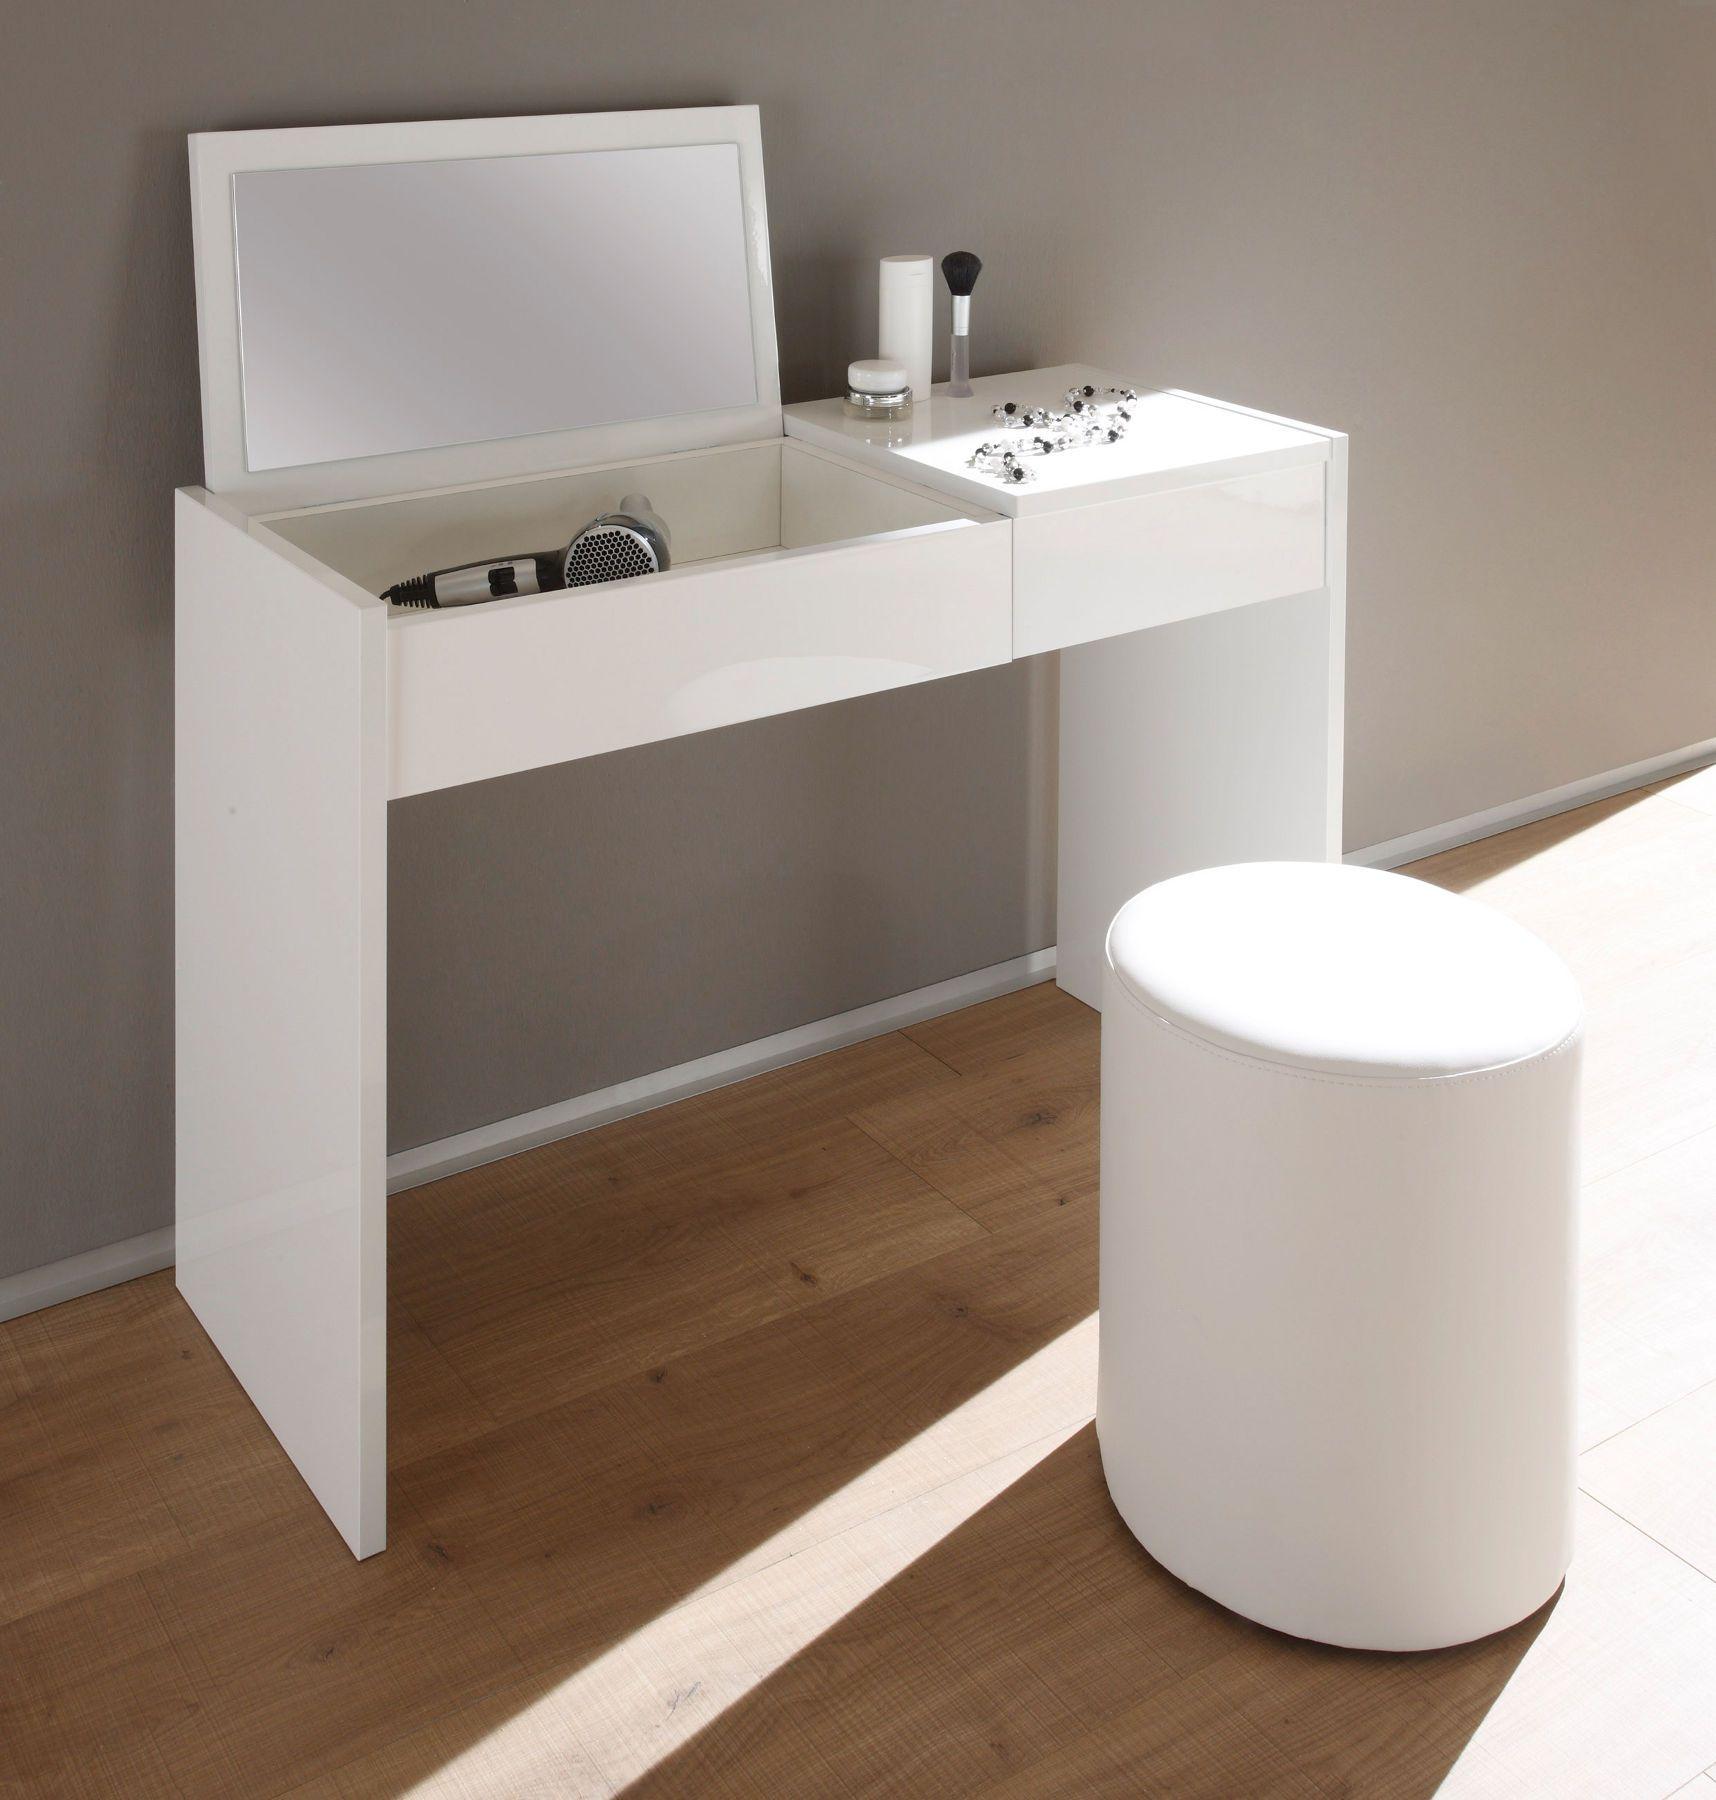 die besten 25 schreibtisch wei hochglanz ideen auf pinterest moderner wei er schreibtisch. Black Bedroom Furniture Sets. Home Design Ideas